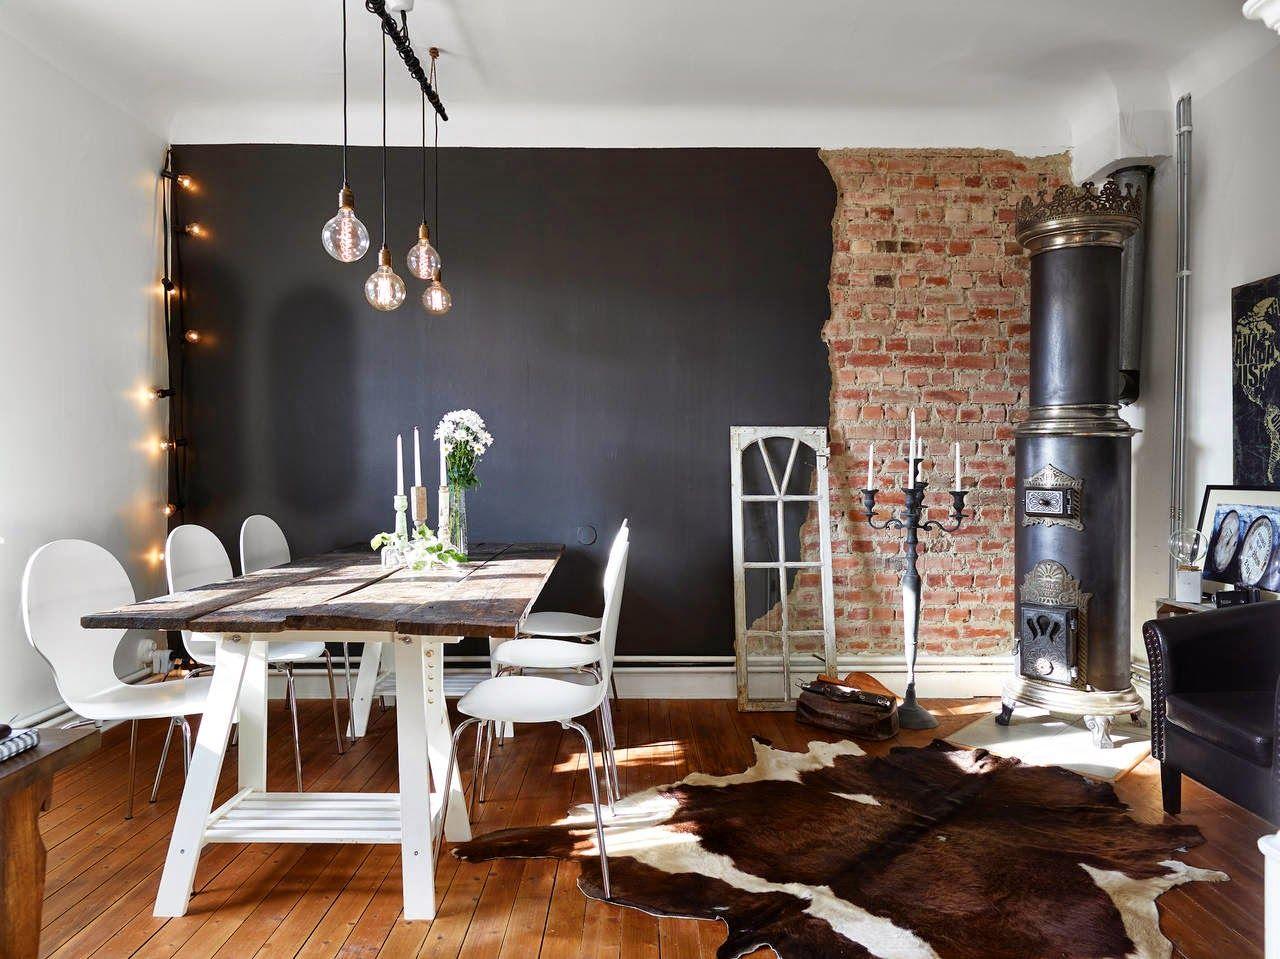 Inspiracion deco estilo nordico estilo escandinavo pared - Deco estilo nordico ...